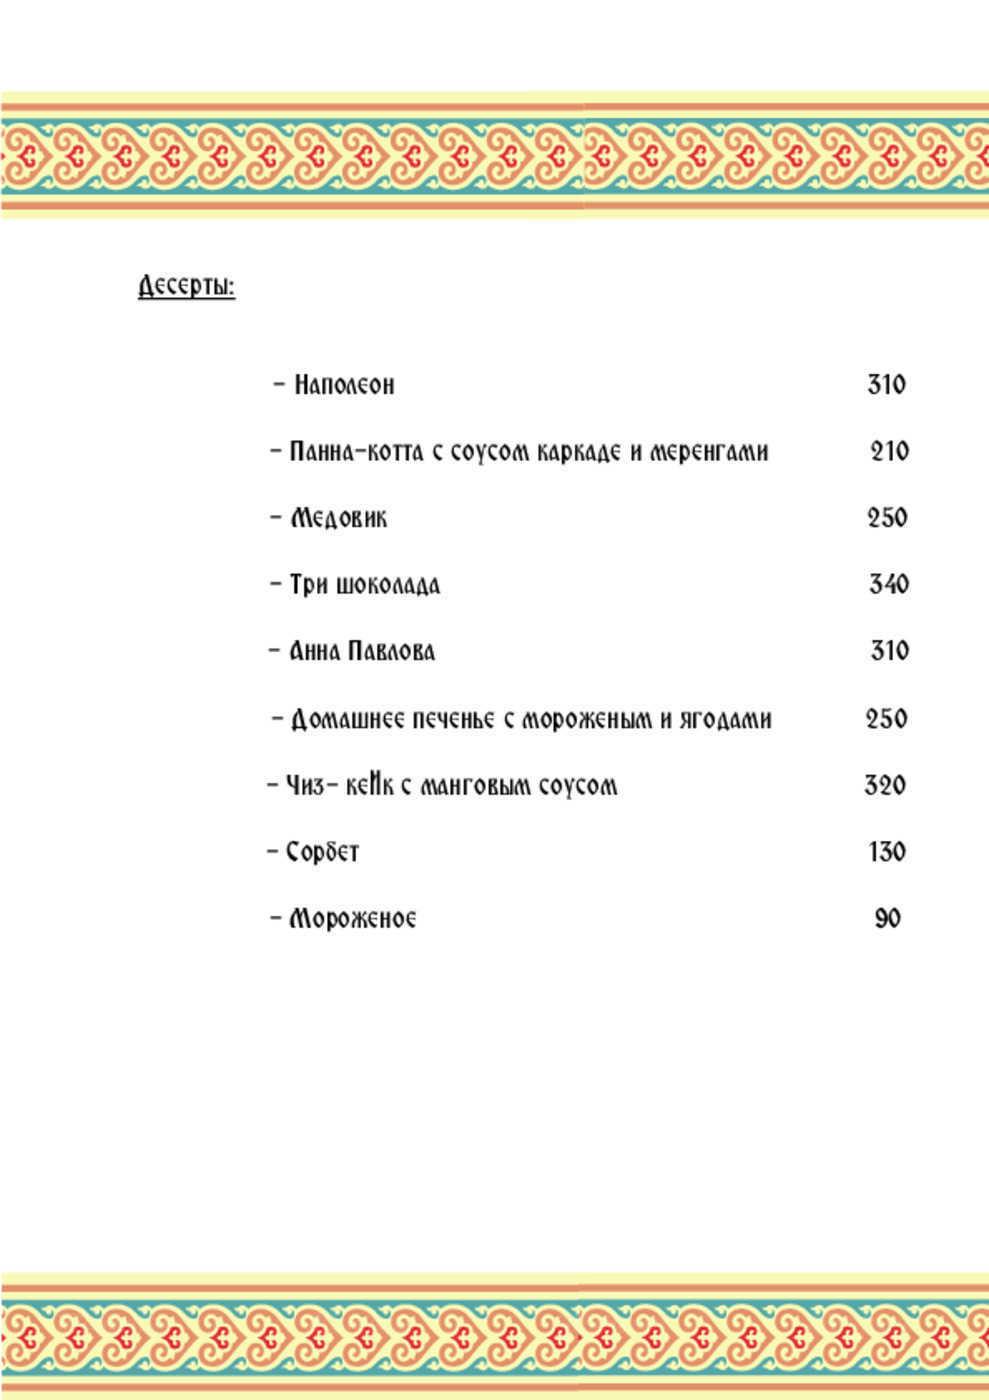 Меню ресторана Панорамика (Panoramika) на Малом проспекте П.С.